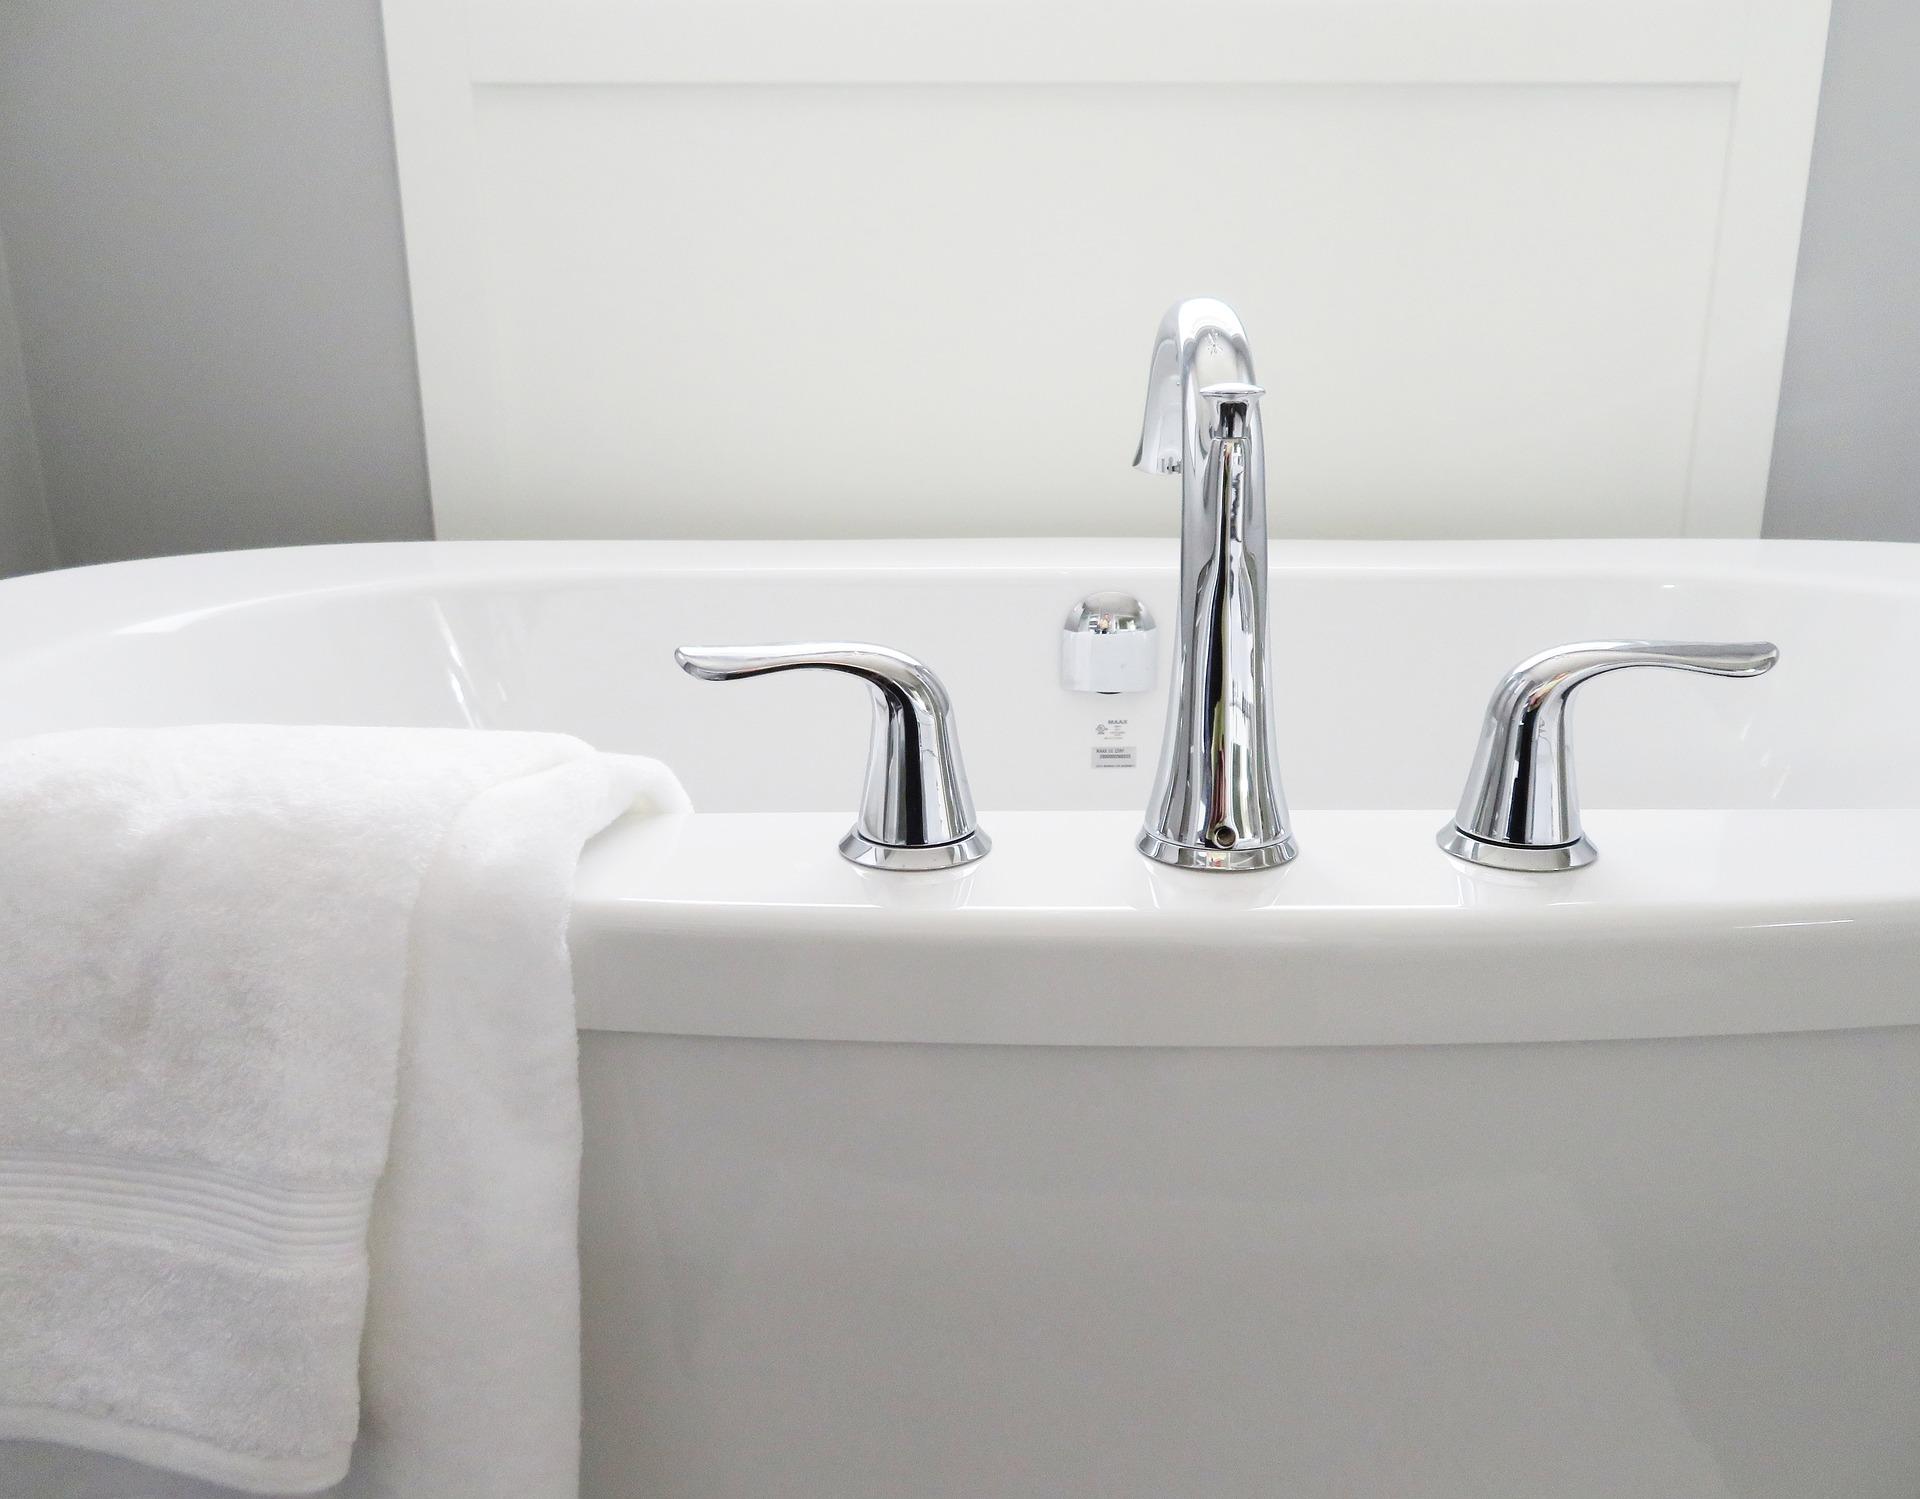 疲れにくくパワフル&免疫アップはお風呂で変わる!ヒートショックプロテインって